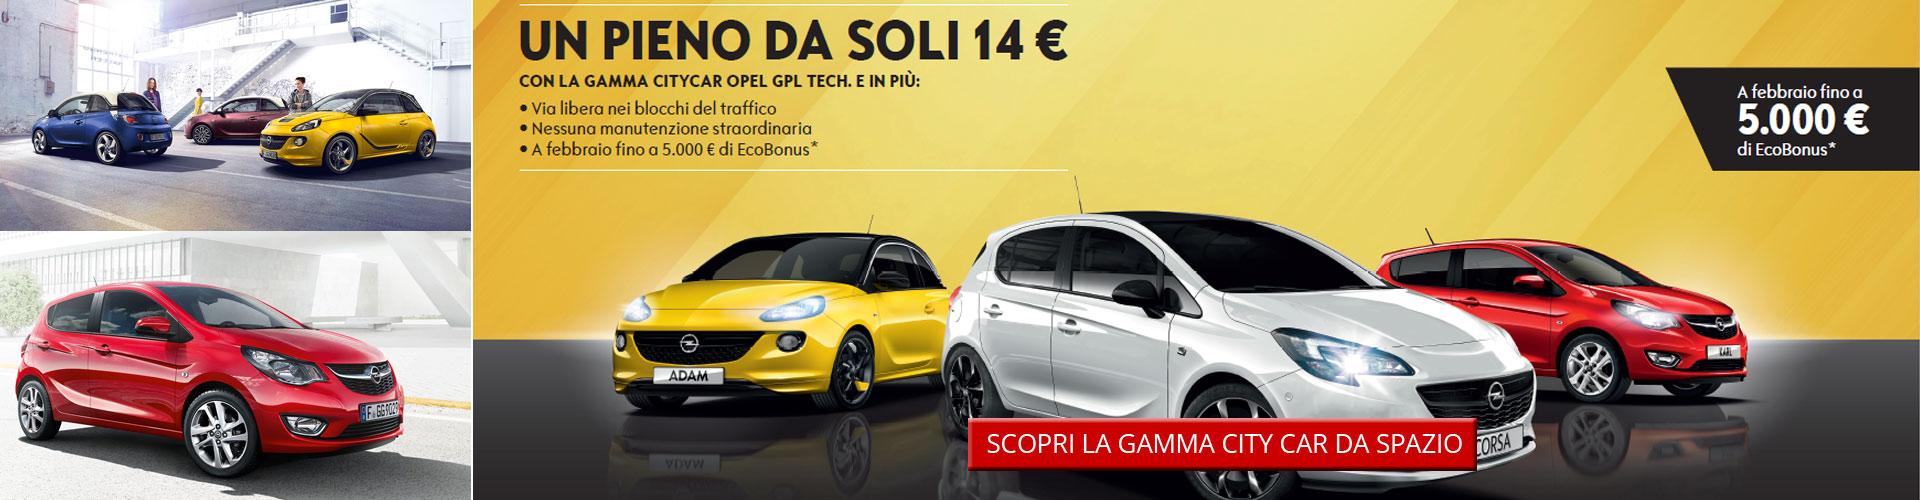 Gamma Opel City Car